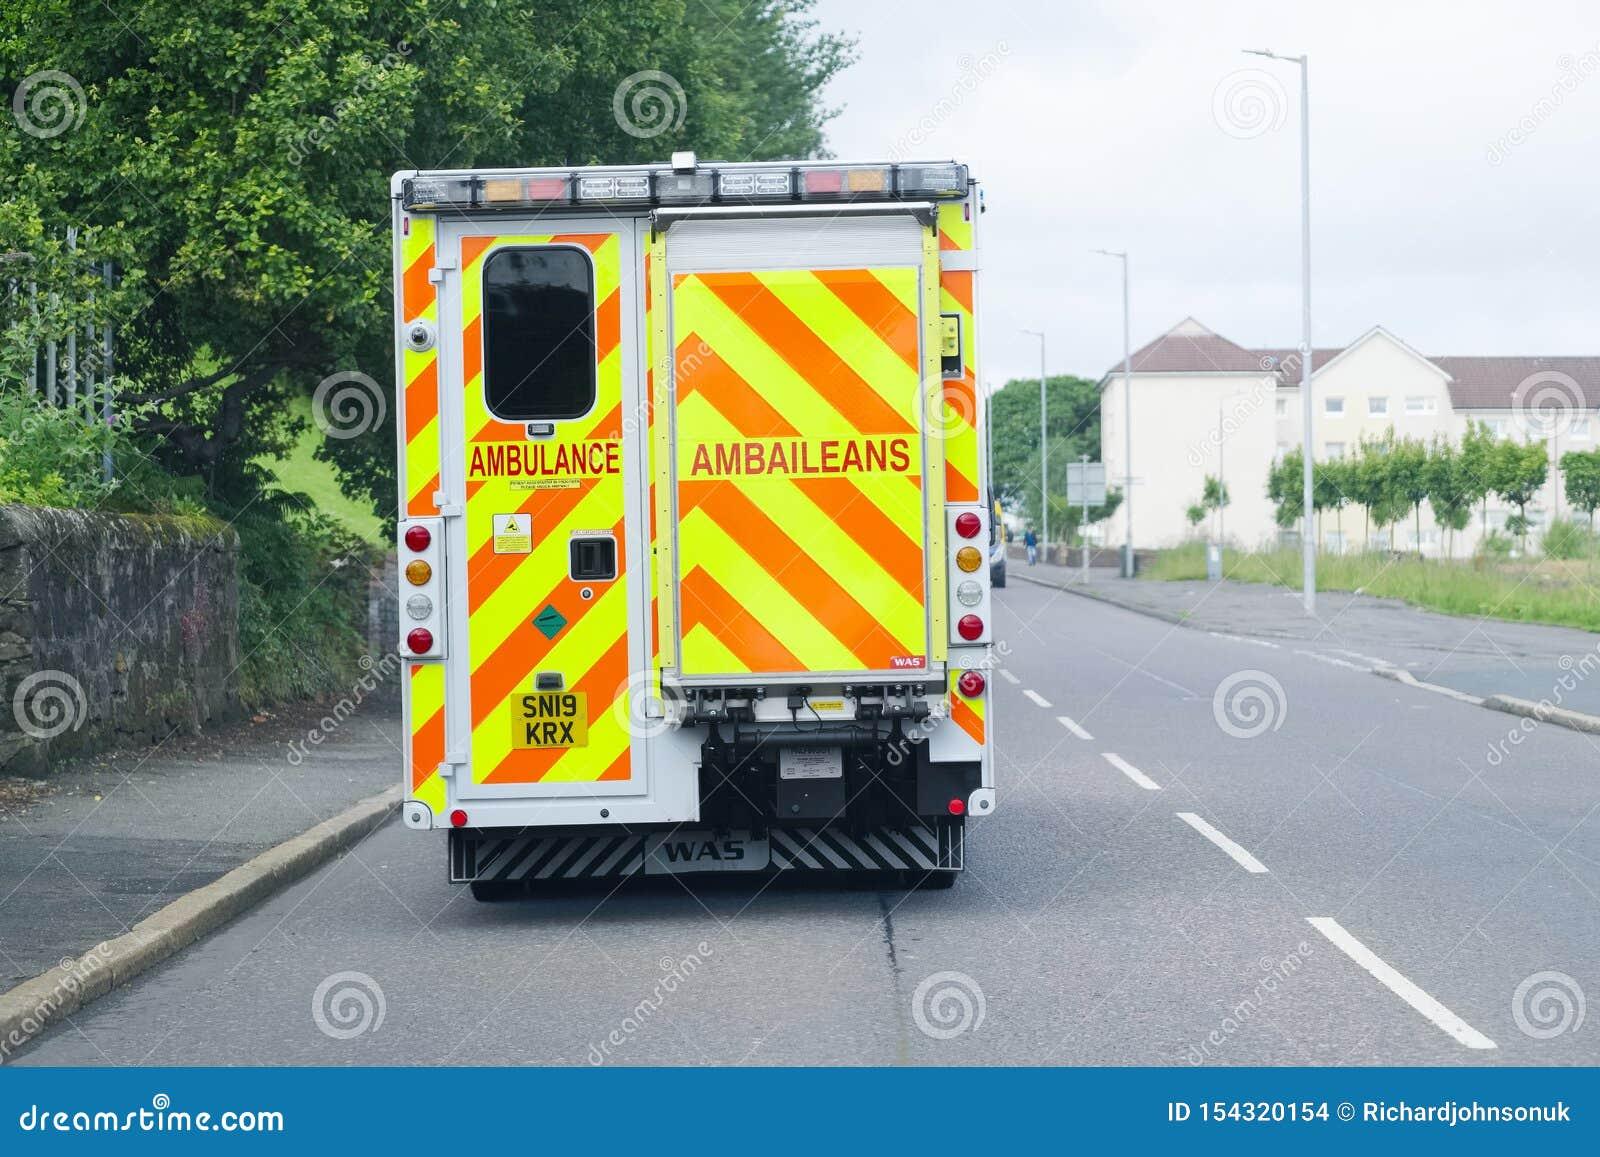 Londen, Engeland/het UK - 19 Juli 2019: NHS-Ziekenwagen veel gevraagde wegens besnoeiingen in hulpdiensten